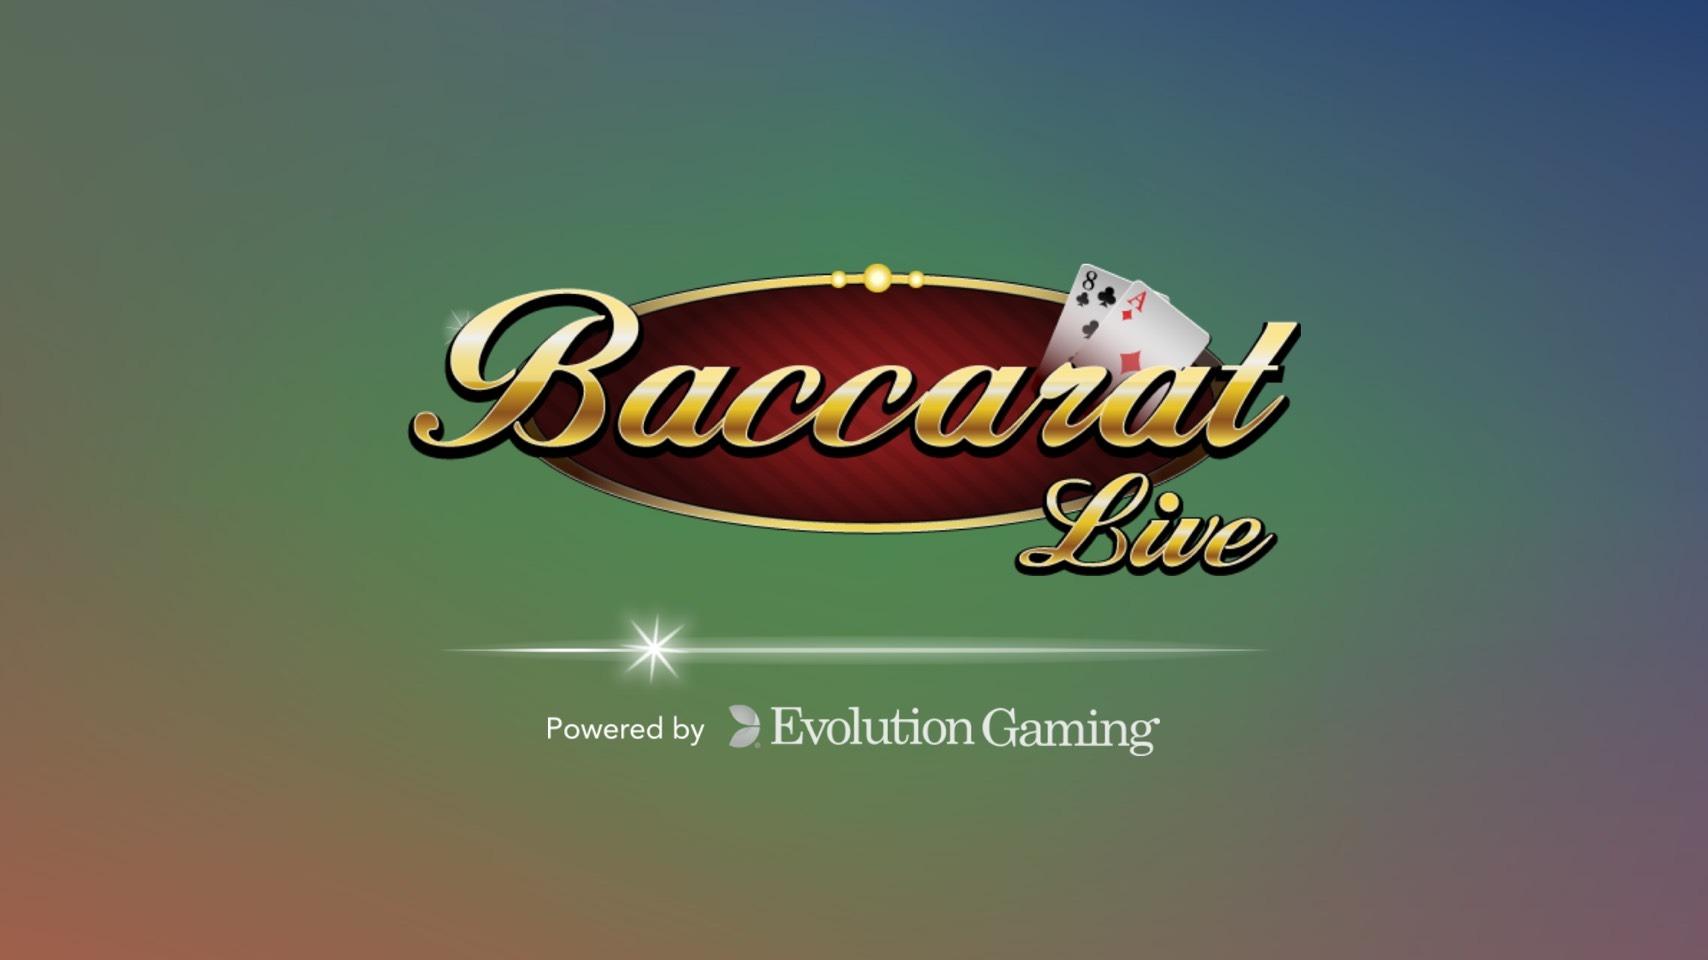 ライブカジノゲーミングプロバイダのエボリューションゲーミング起動画面の写真